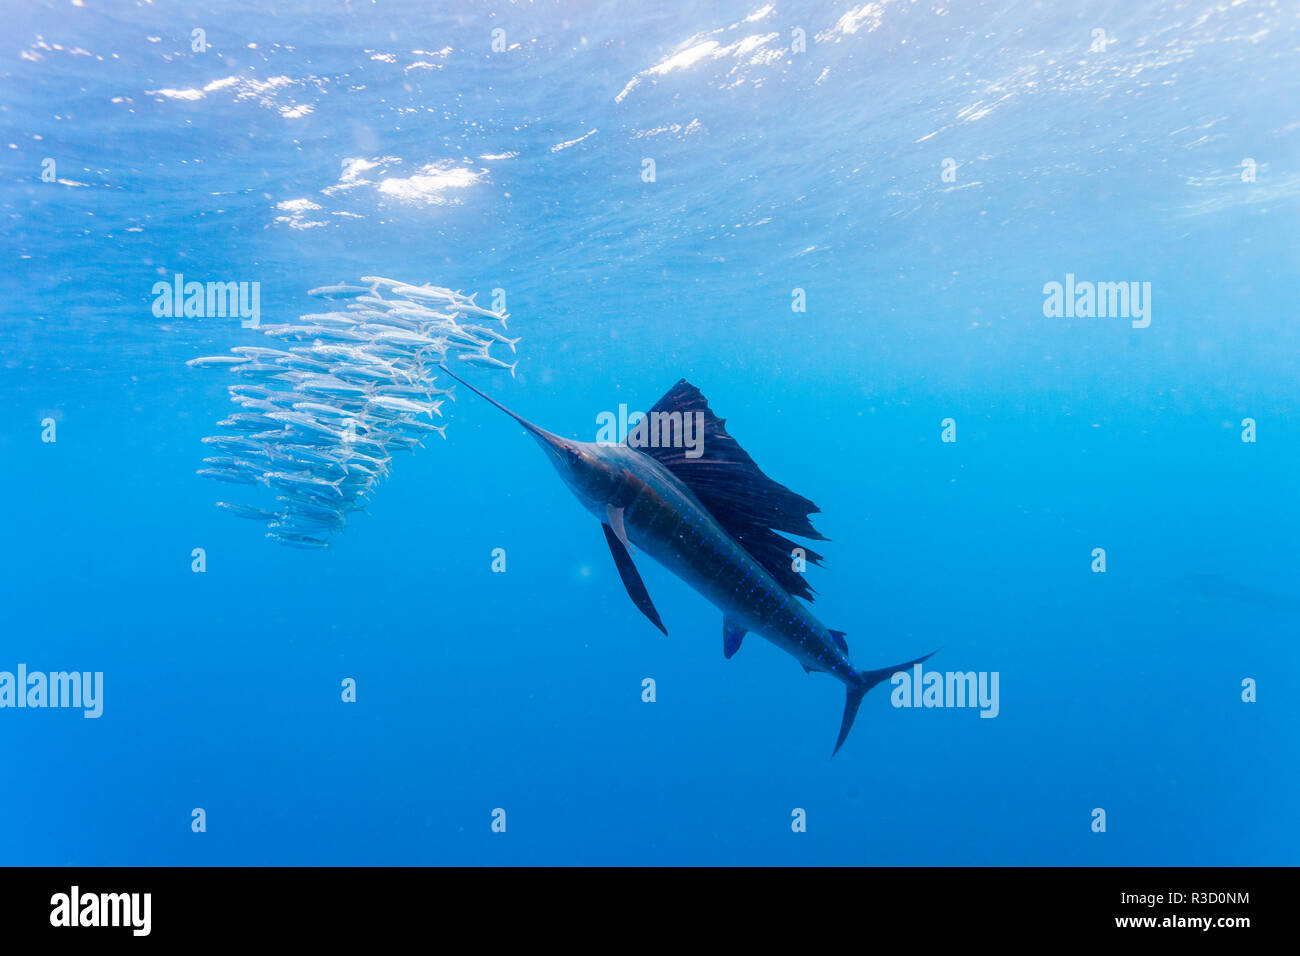 Fächerfisch (Istiophorus albicans) Fütterung auf brasilianischen Sardinen etwa 10 Meilen vor der Küste von Isla Mujeres, Halbinsel Yucatan, Mexiko Stockbild